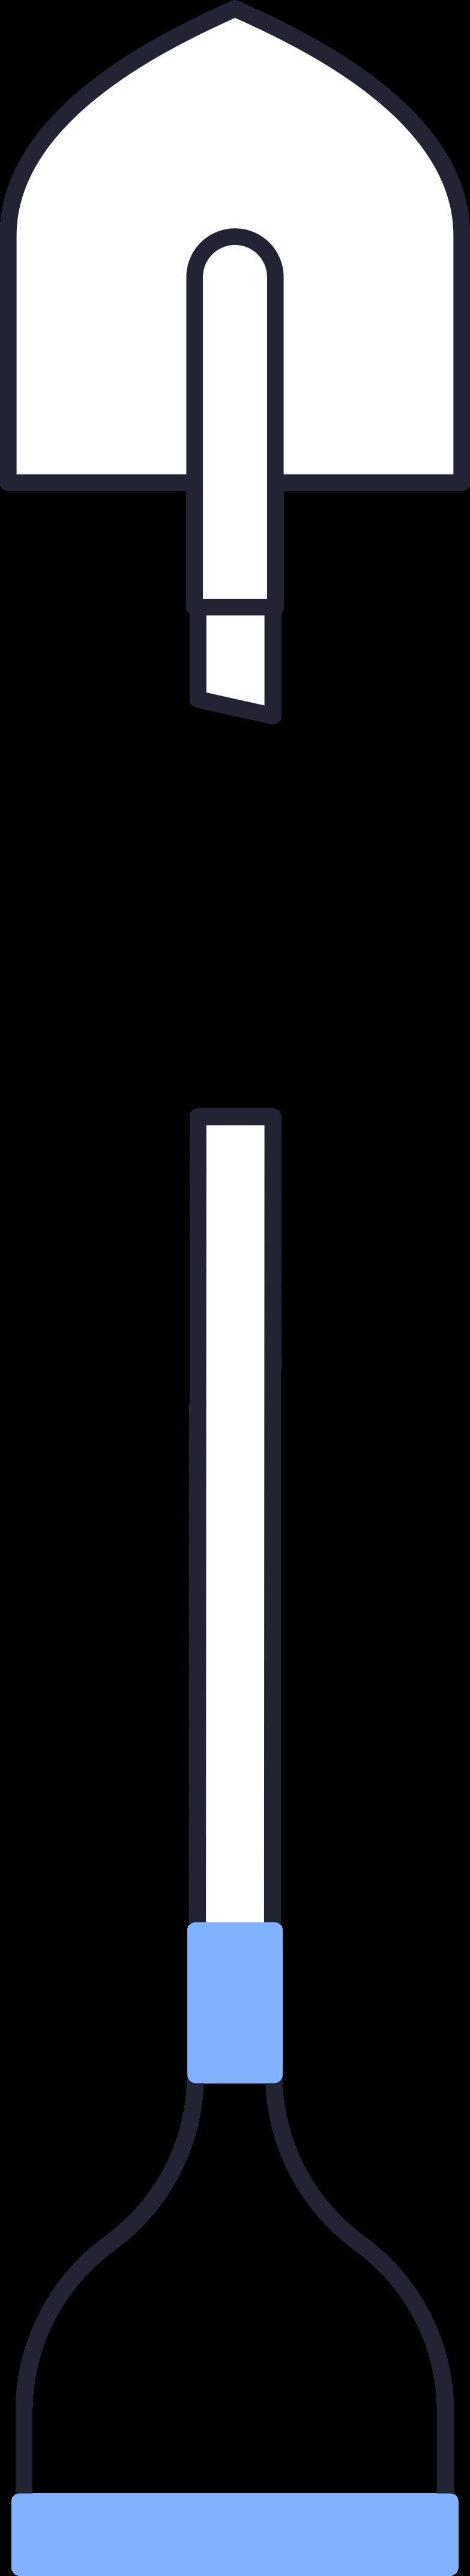 Colheita de pá Clipart illustration in PNG, SVG